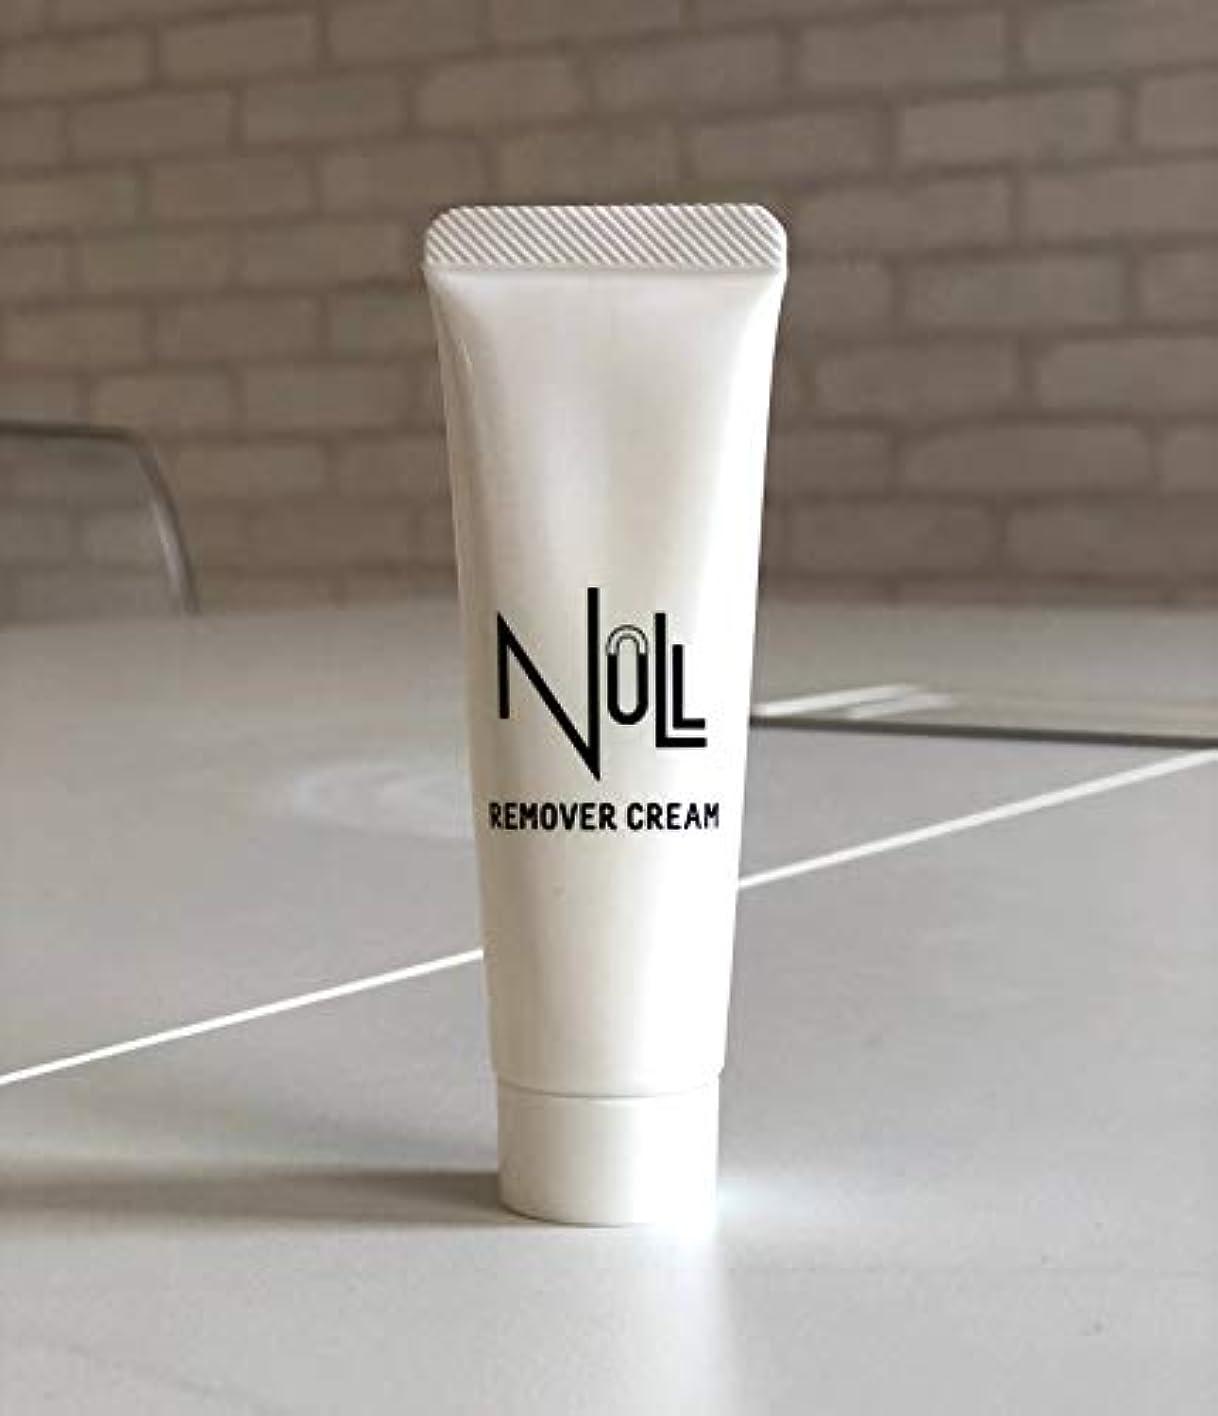 散る変換する花弁NULL メンズ 薬用リムーバークリーム 除毛クリーム ミニサンプル 20g (陰部/Vライン/アンダーヘア/ボディ用)